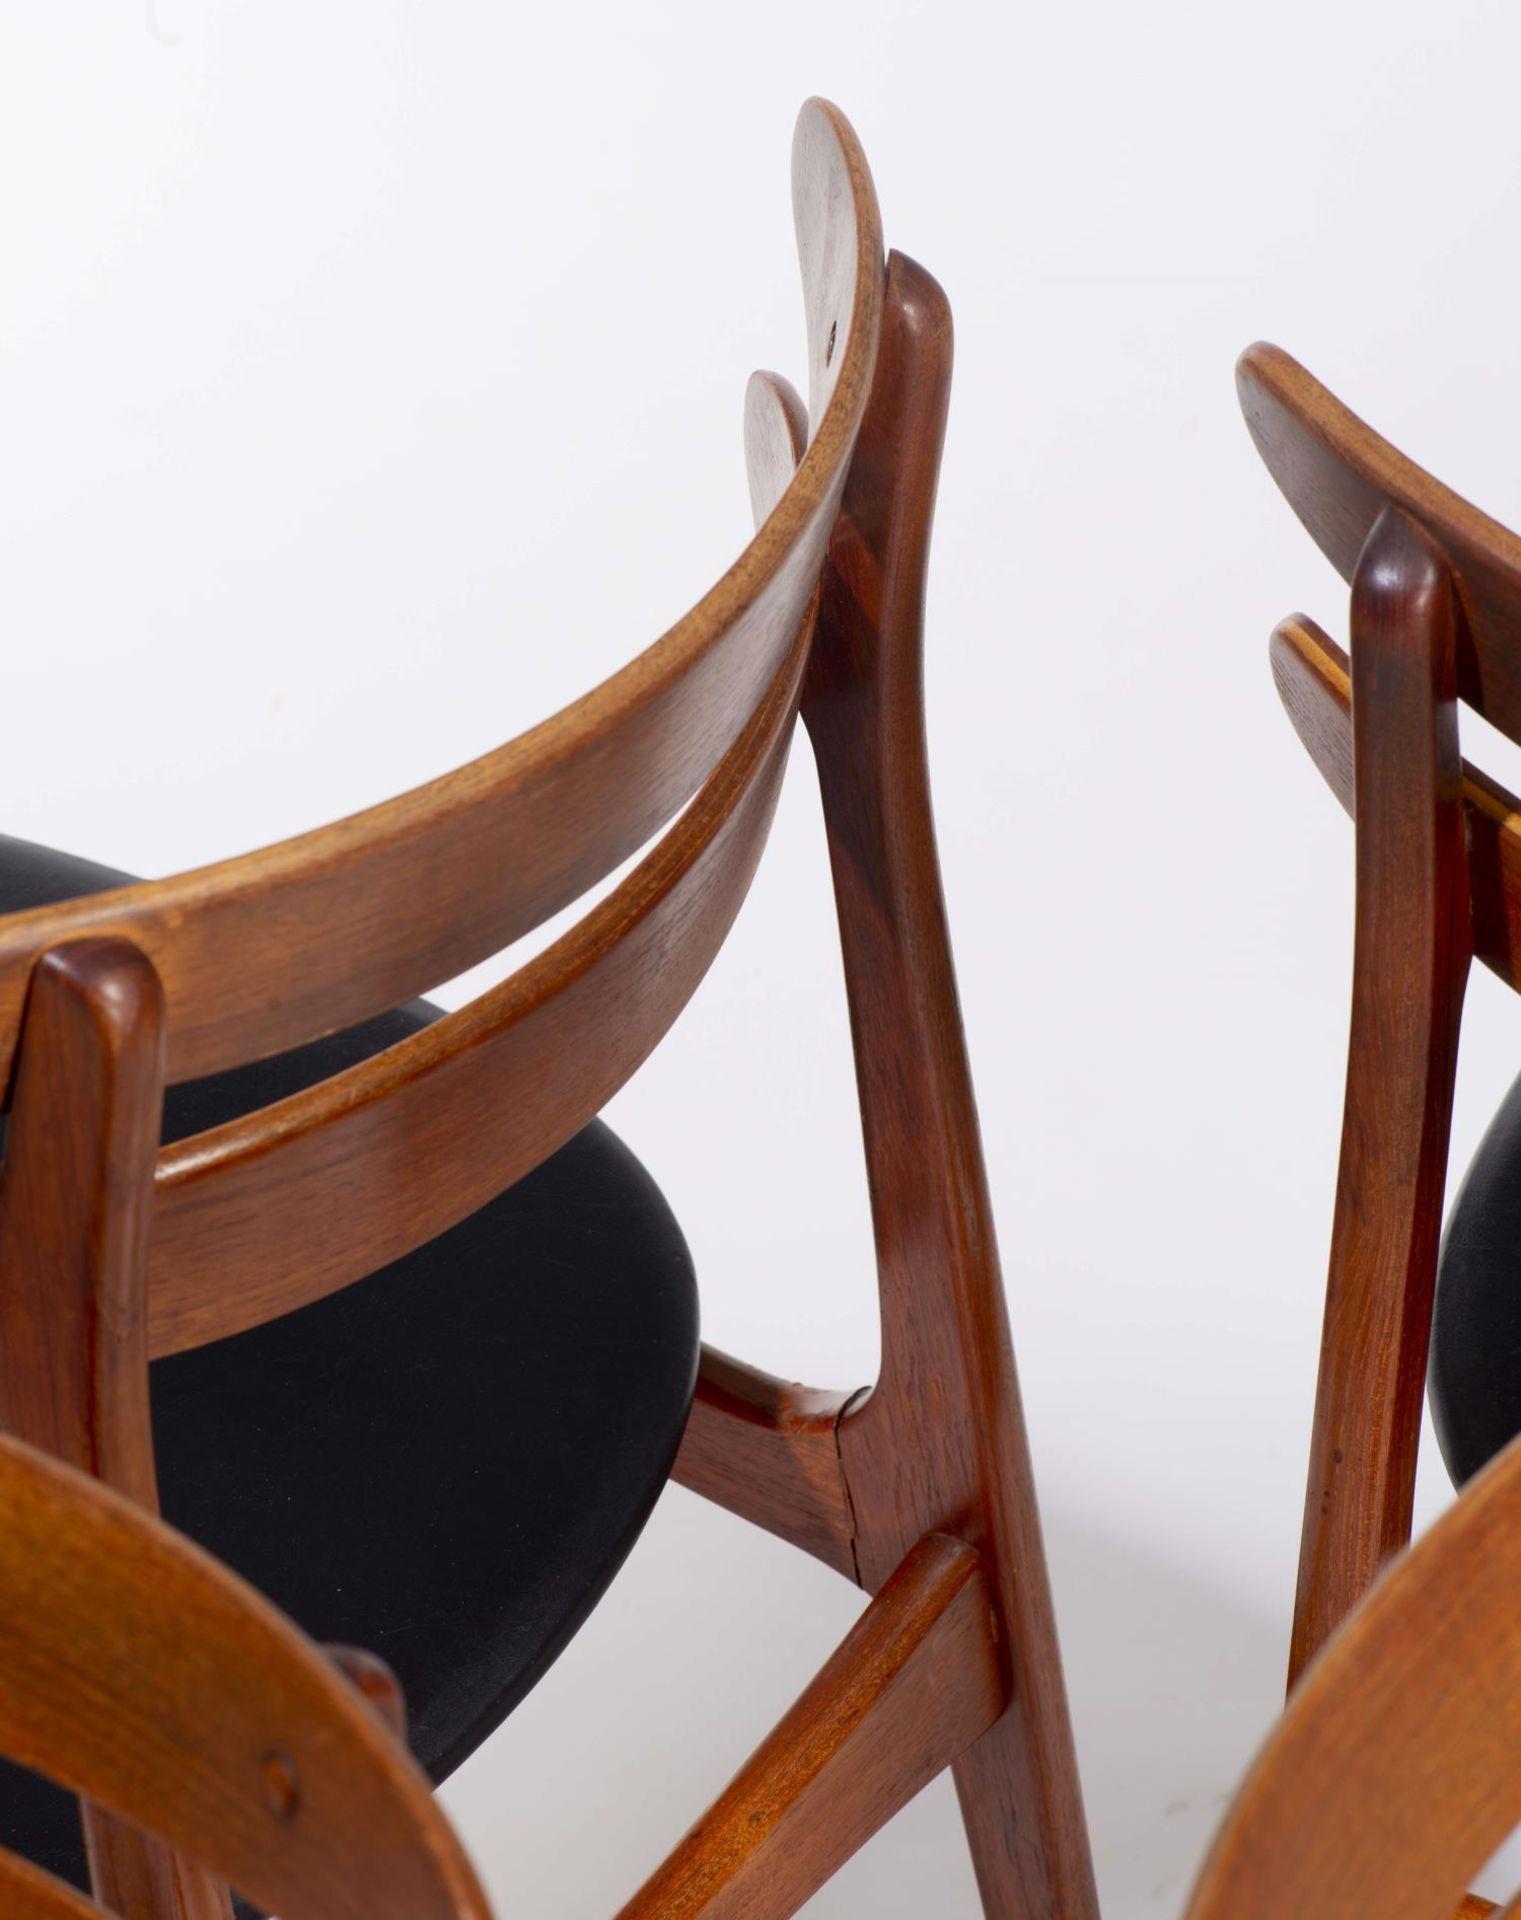 Quatre chaises en teck et deux fauteuils en chêne de style scandinave - Bild 7 aus 9